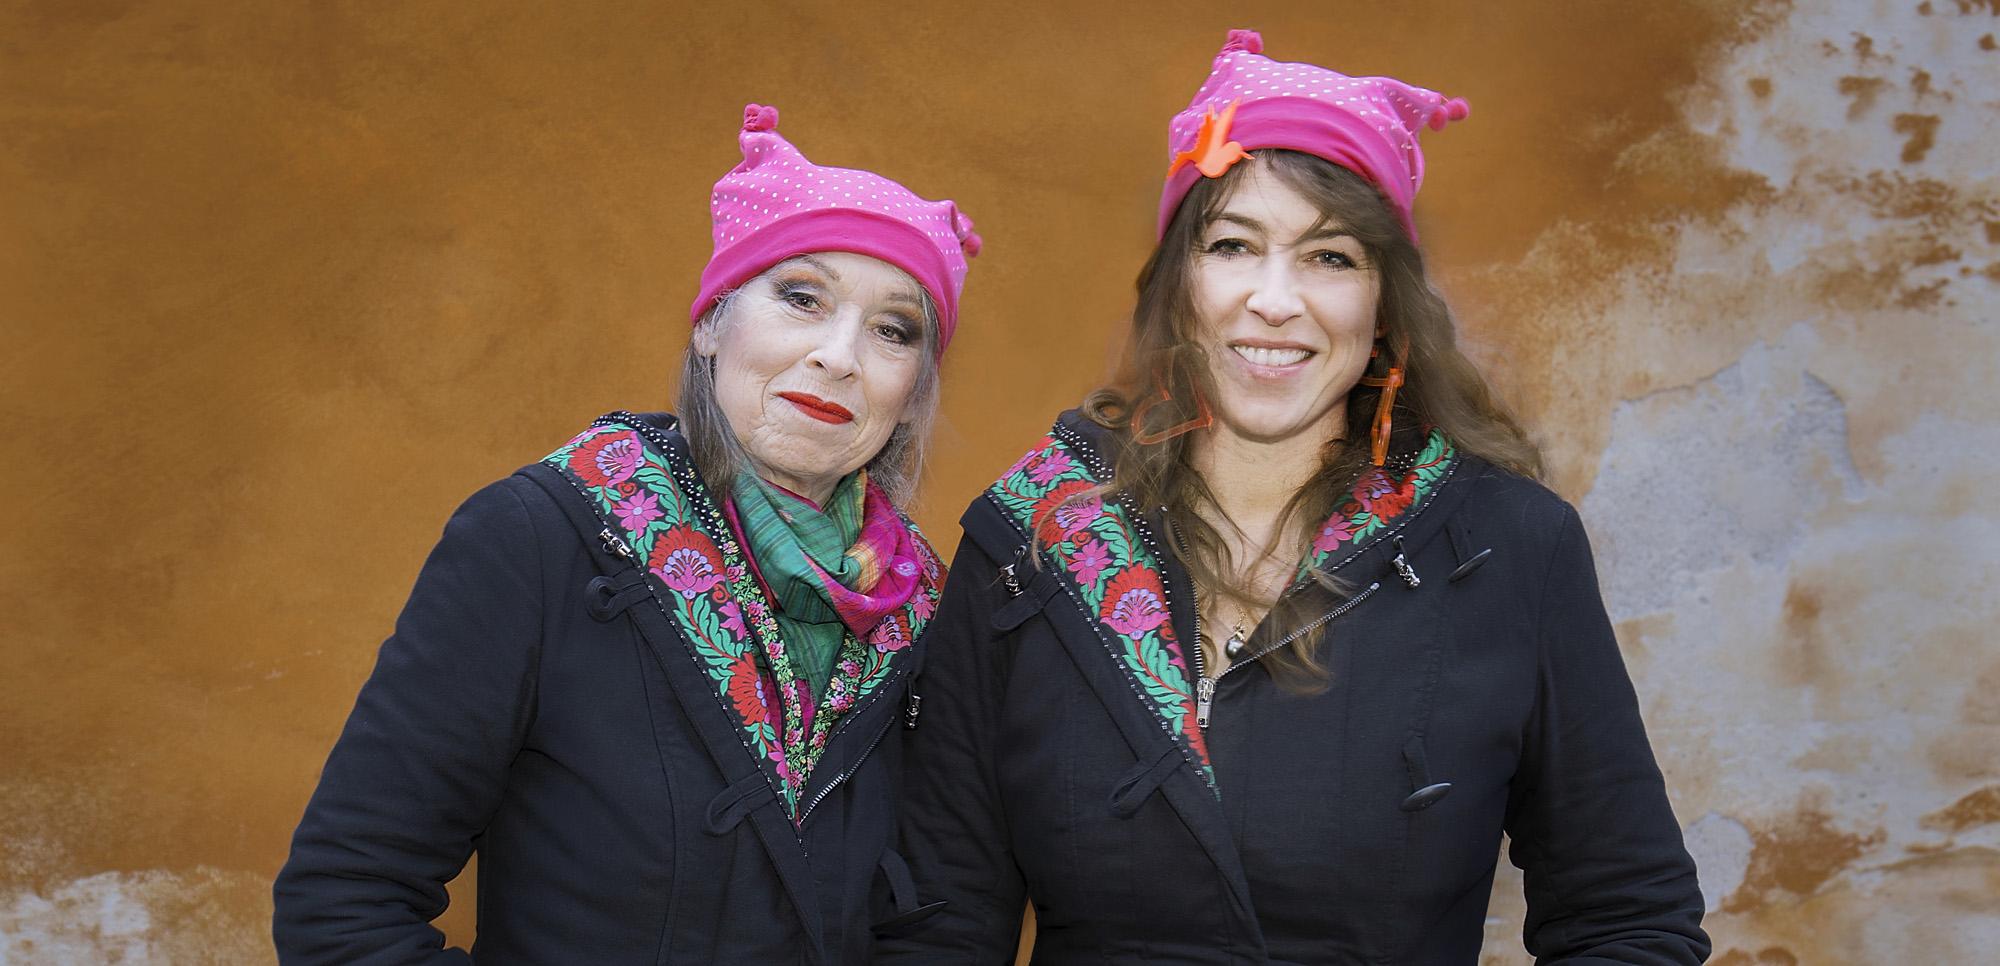 Kvindernes kampdag ecouture pussy hat